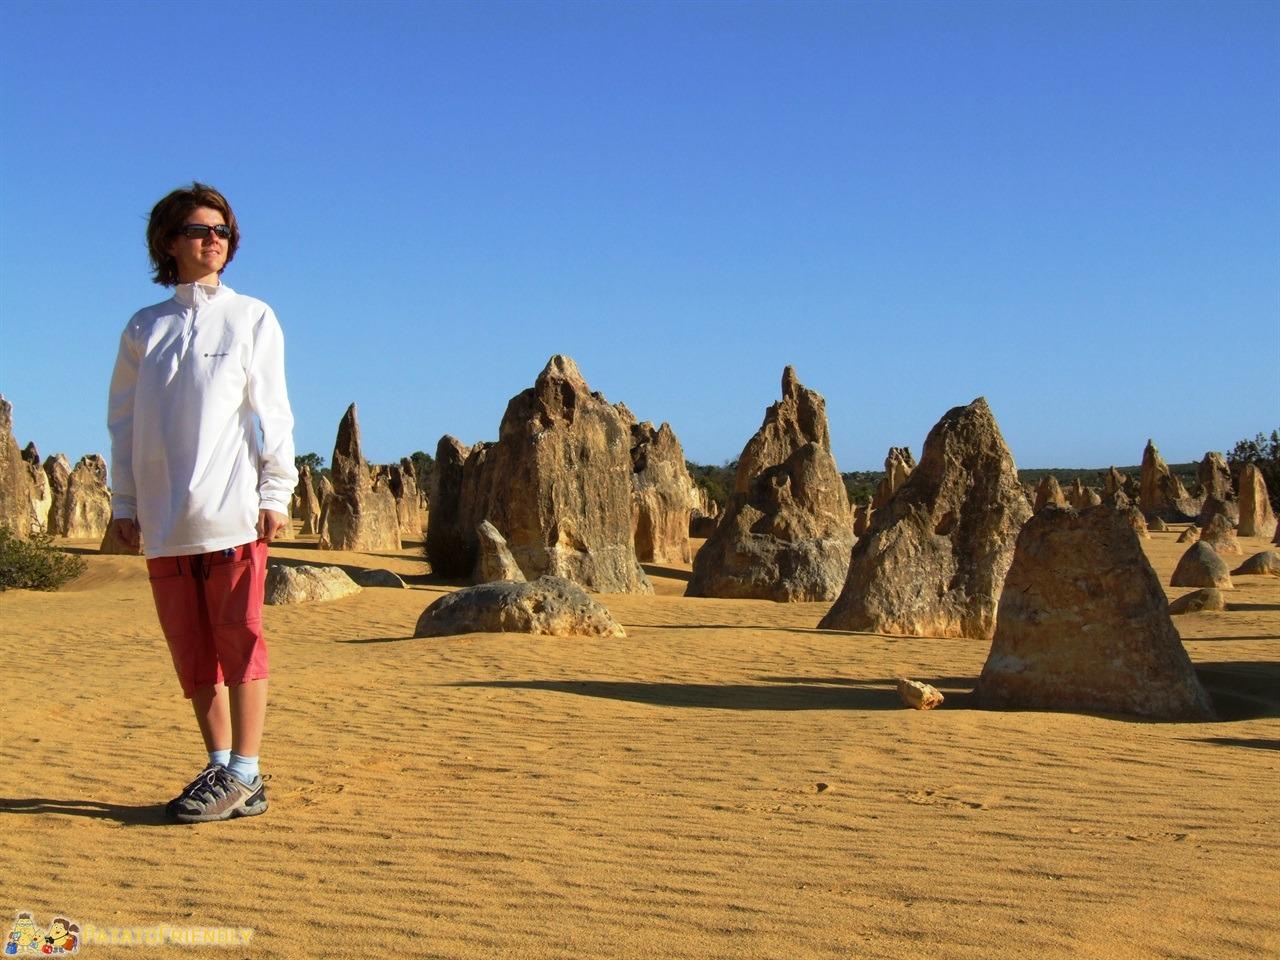 [cml_media_alt id='6665']I miei viaggi e quelli che vorrei fare - L'Australia e il Deserto dei Pinnacoli[/cml_media_alt]